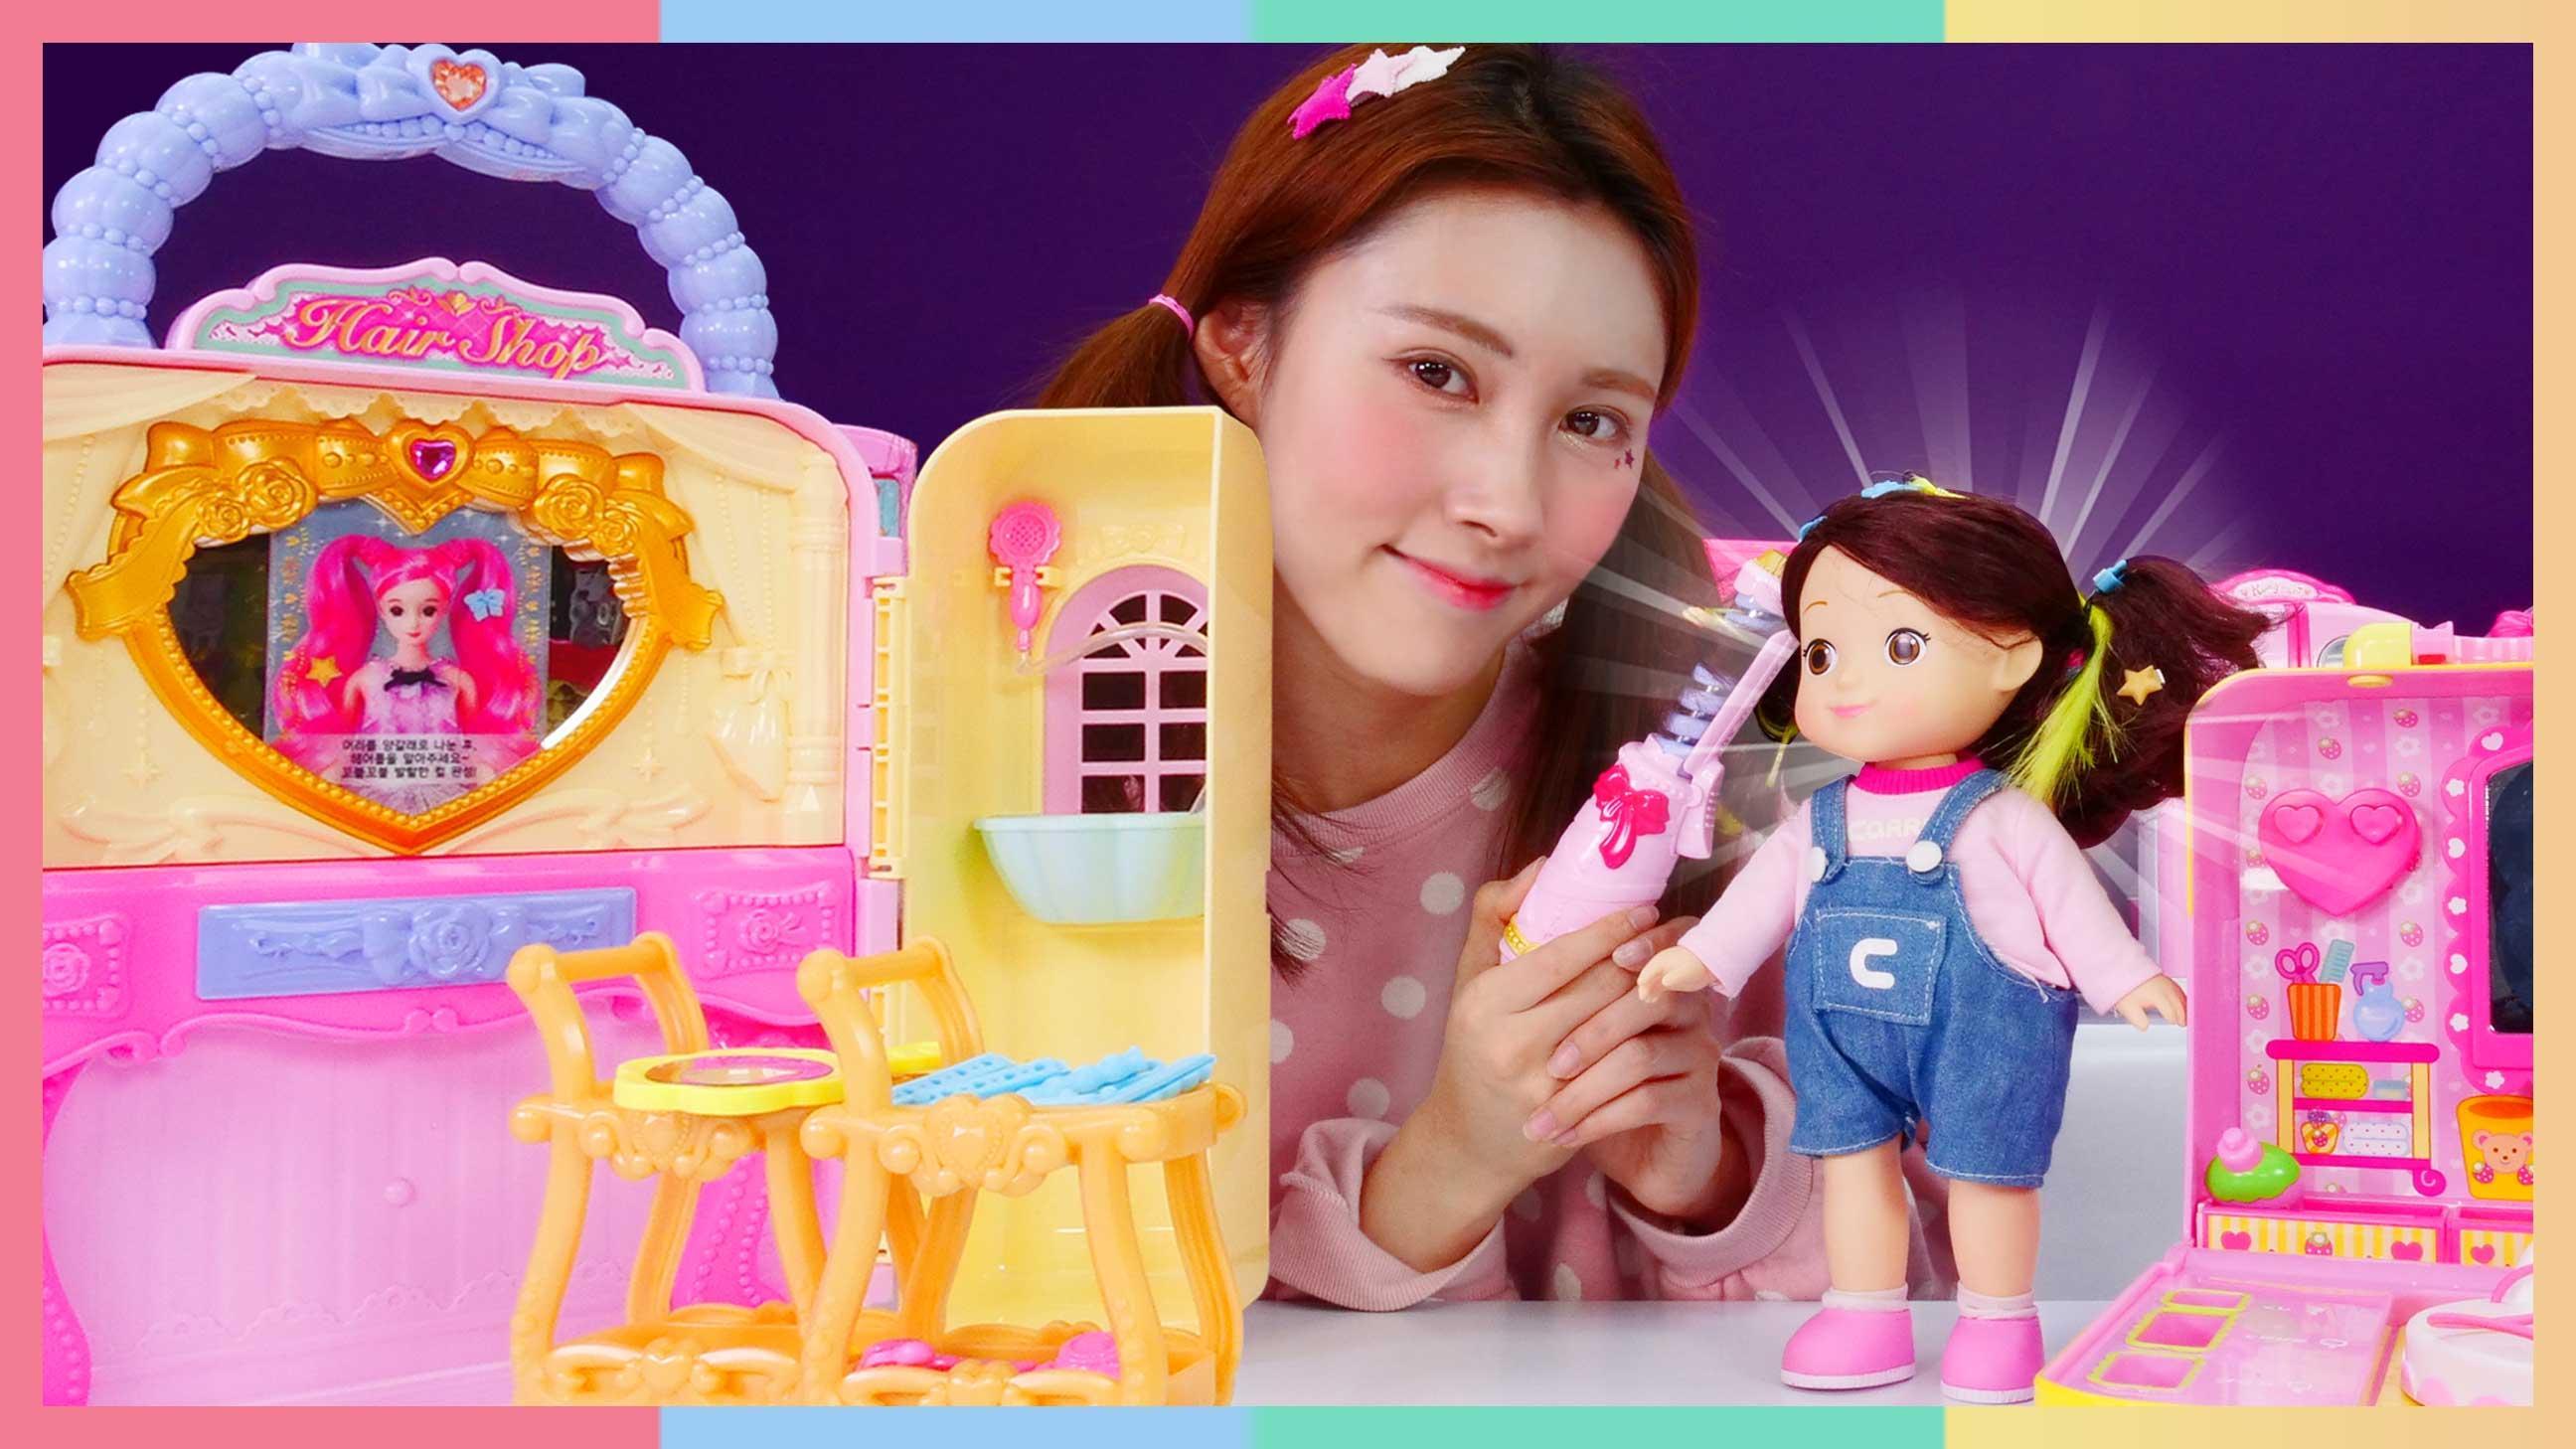 小凯利的三种公主发型大公开(凯利版)| 凯利和玩具朋友们 CarrieAndToys